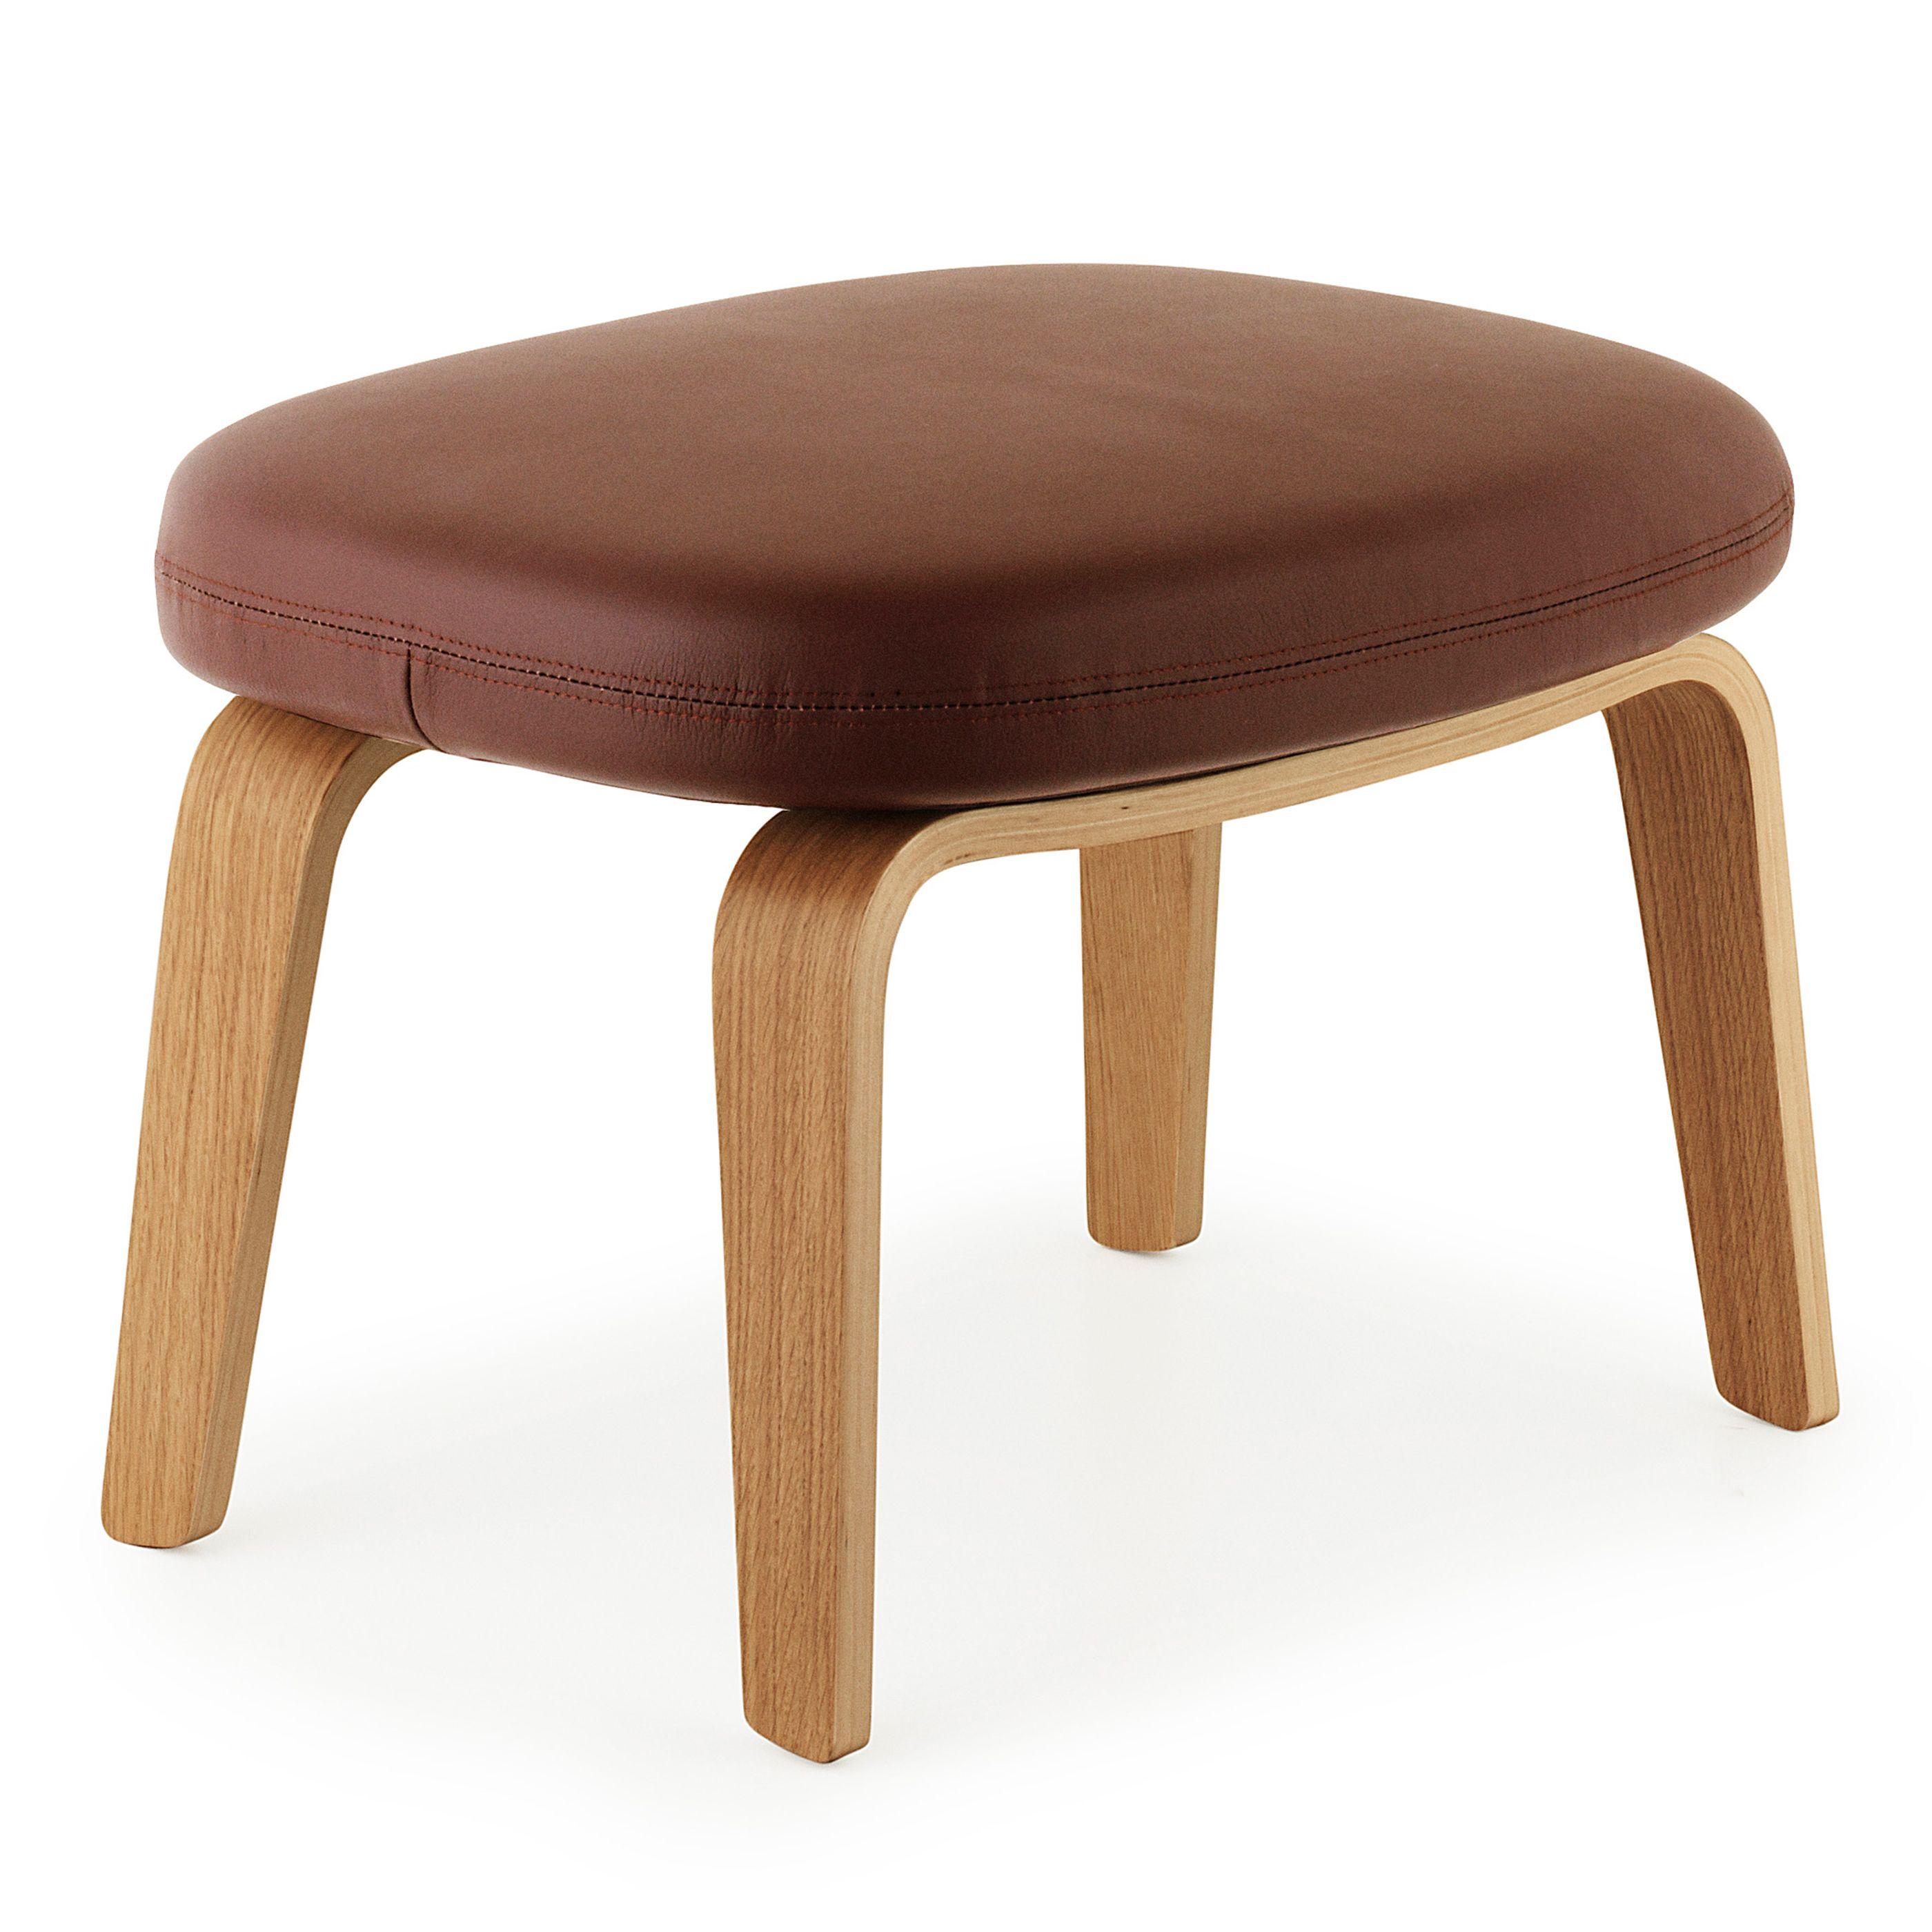 Normann Copenhagen Era Footstool voetenbank met eiken onderstel Leder Tango bruin kopen